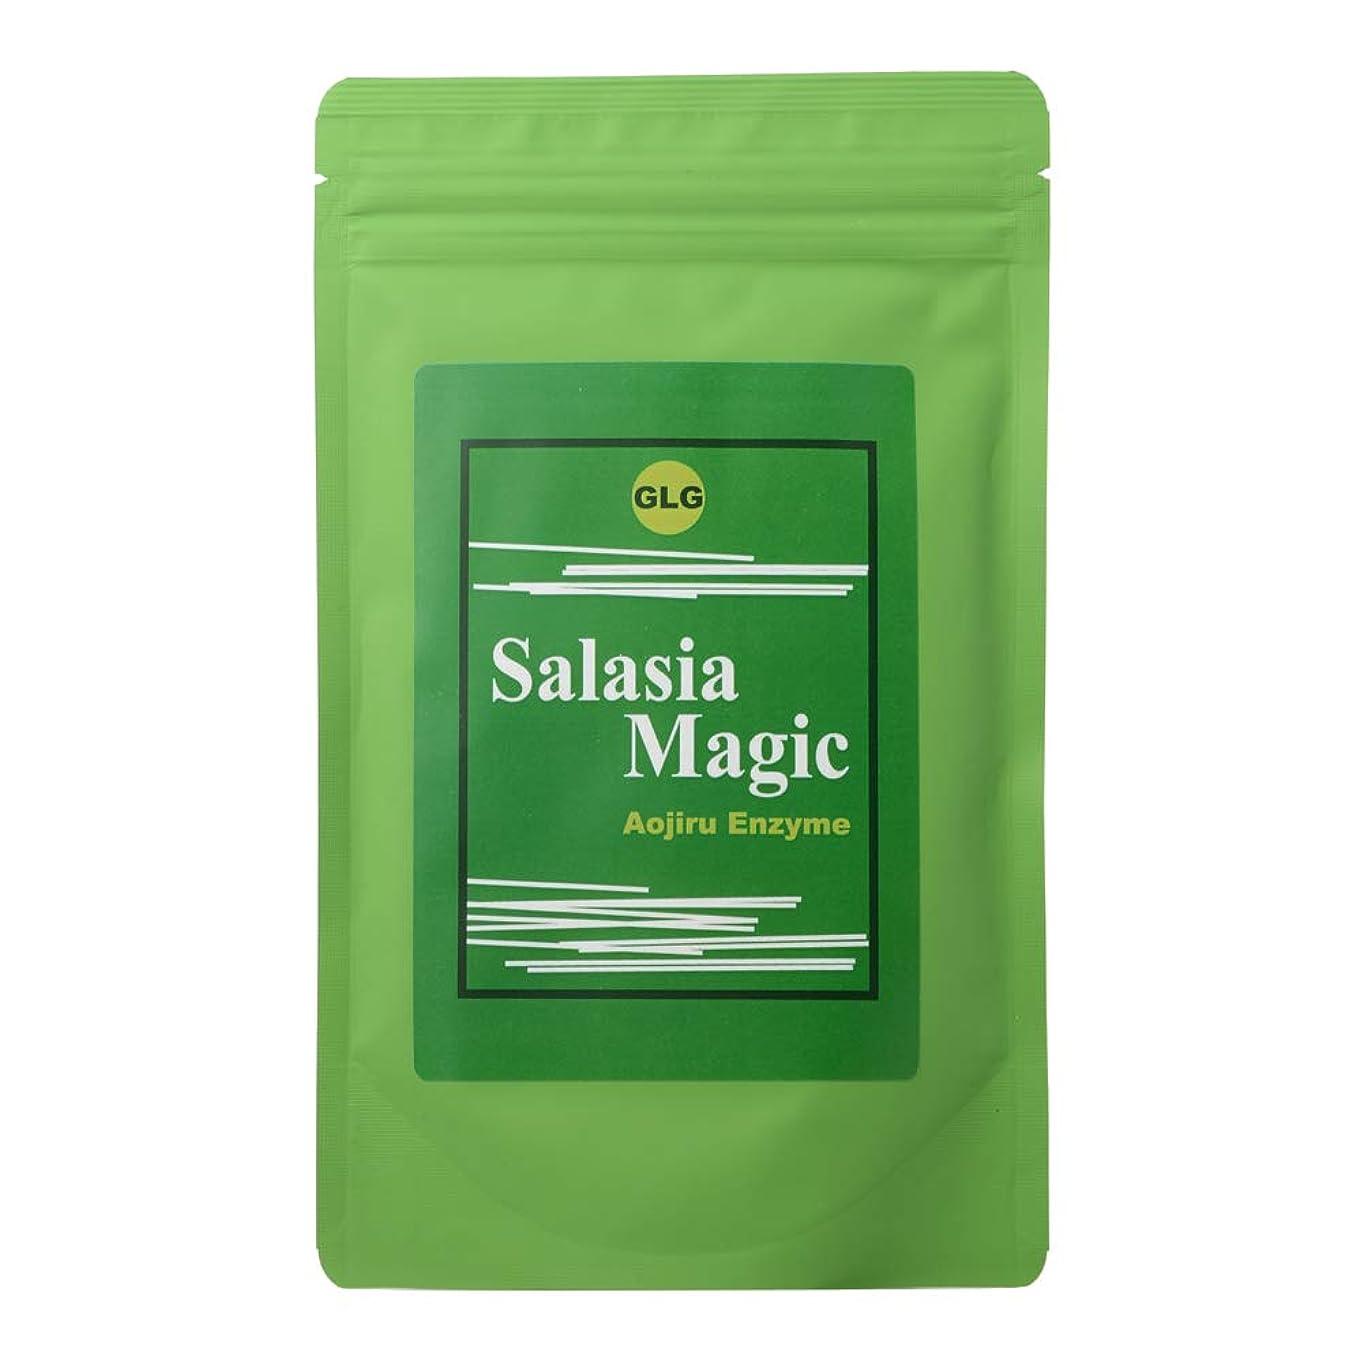 大通りこれまでなめらかなサラシアマジック 青汁酵素 (ダイエットドリンク) お茶 健康飲料 粉末 [内容量150g/ 説明書付き]